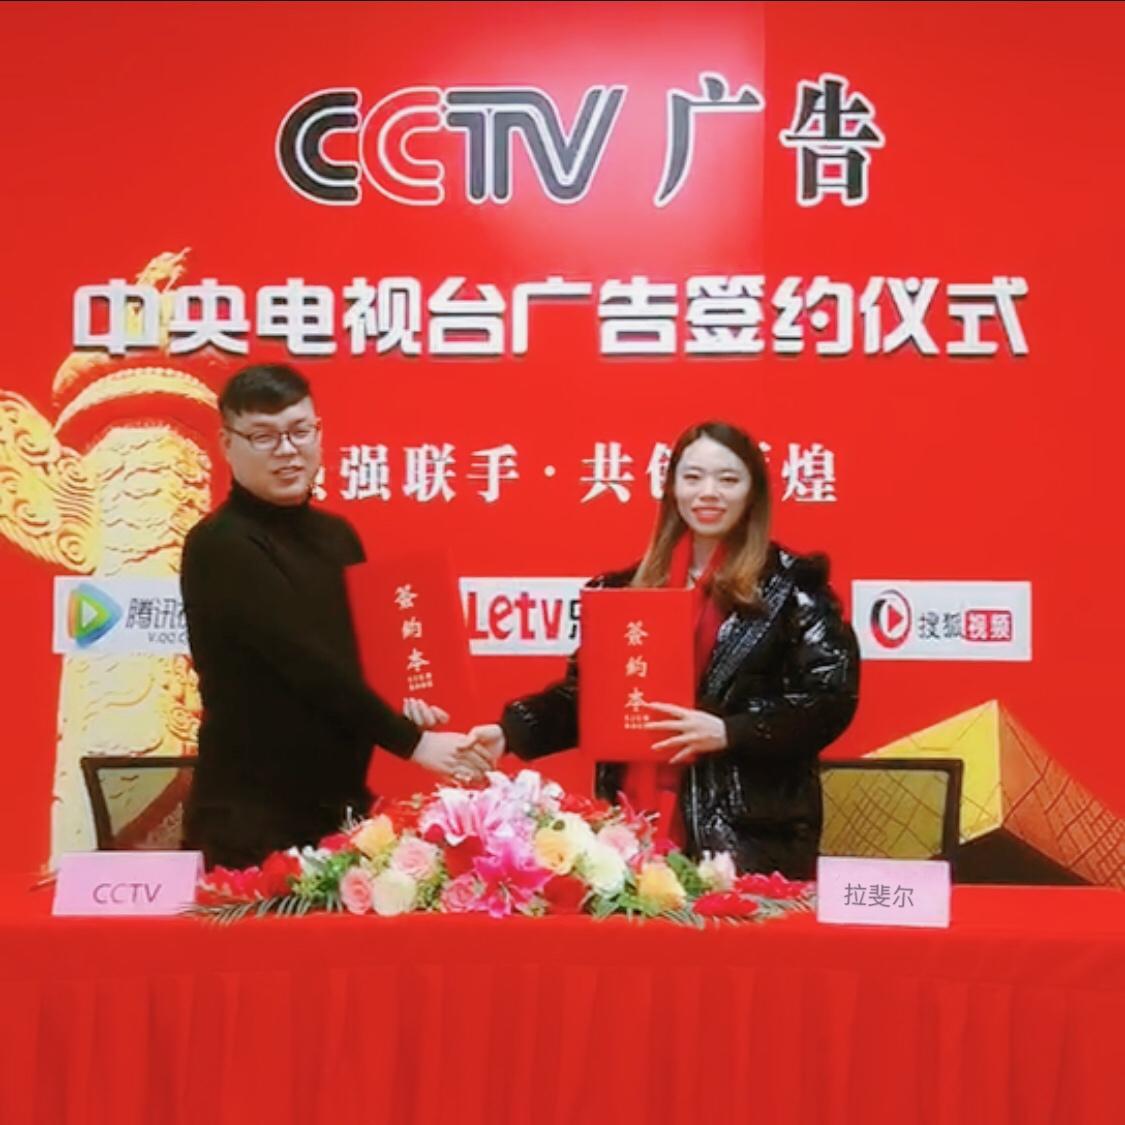 拉斐尔全屋定制与CCTV广告正式签约合作!